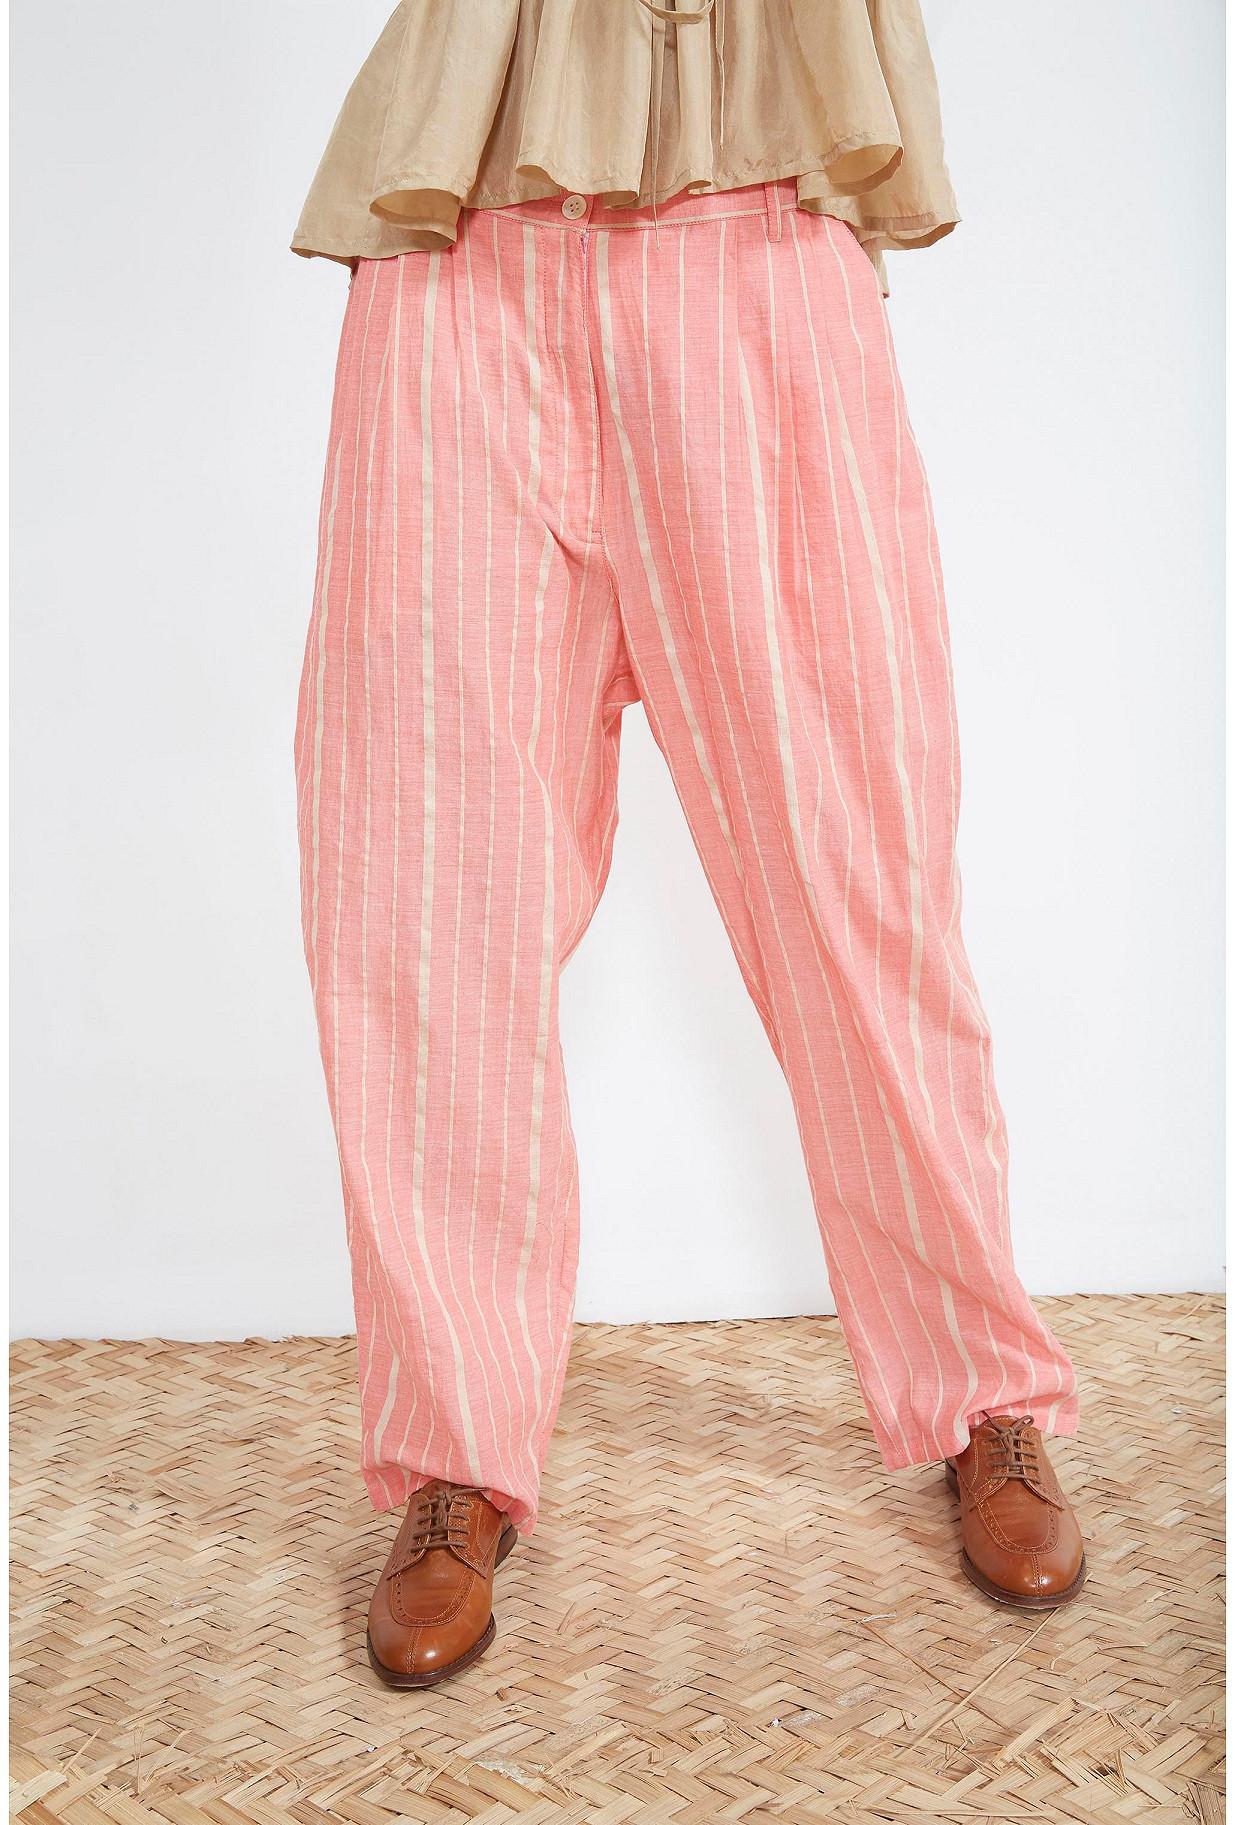 boutique de pantalon femme kaposki mode createur paris. Black Bedroom Furniture Sets. Home Design Ideas